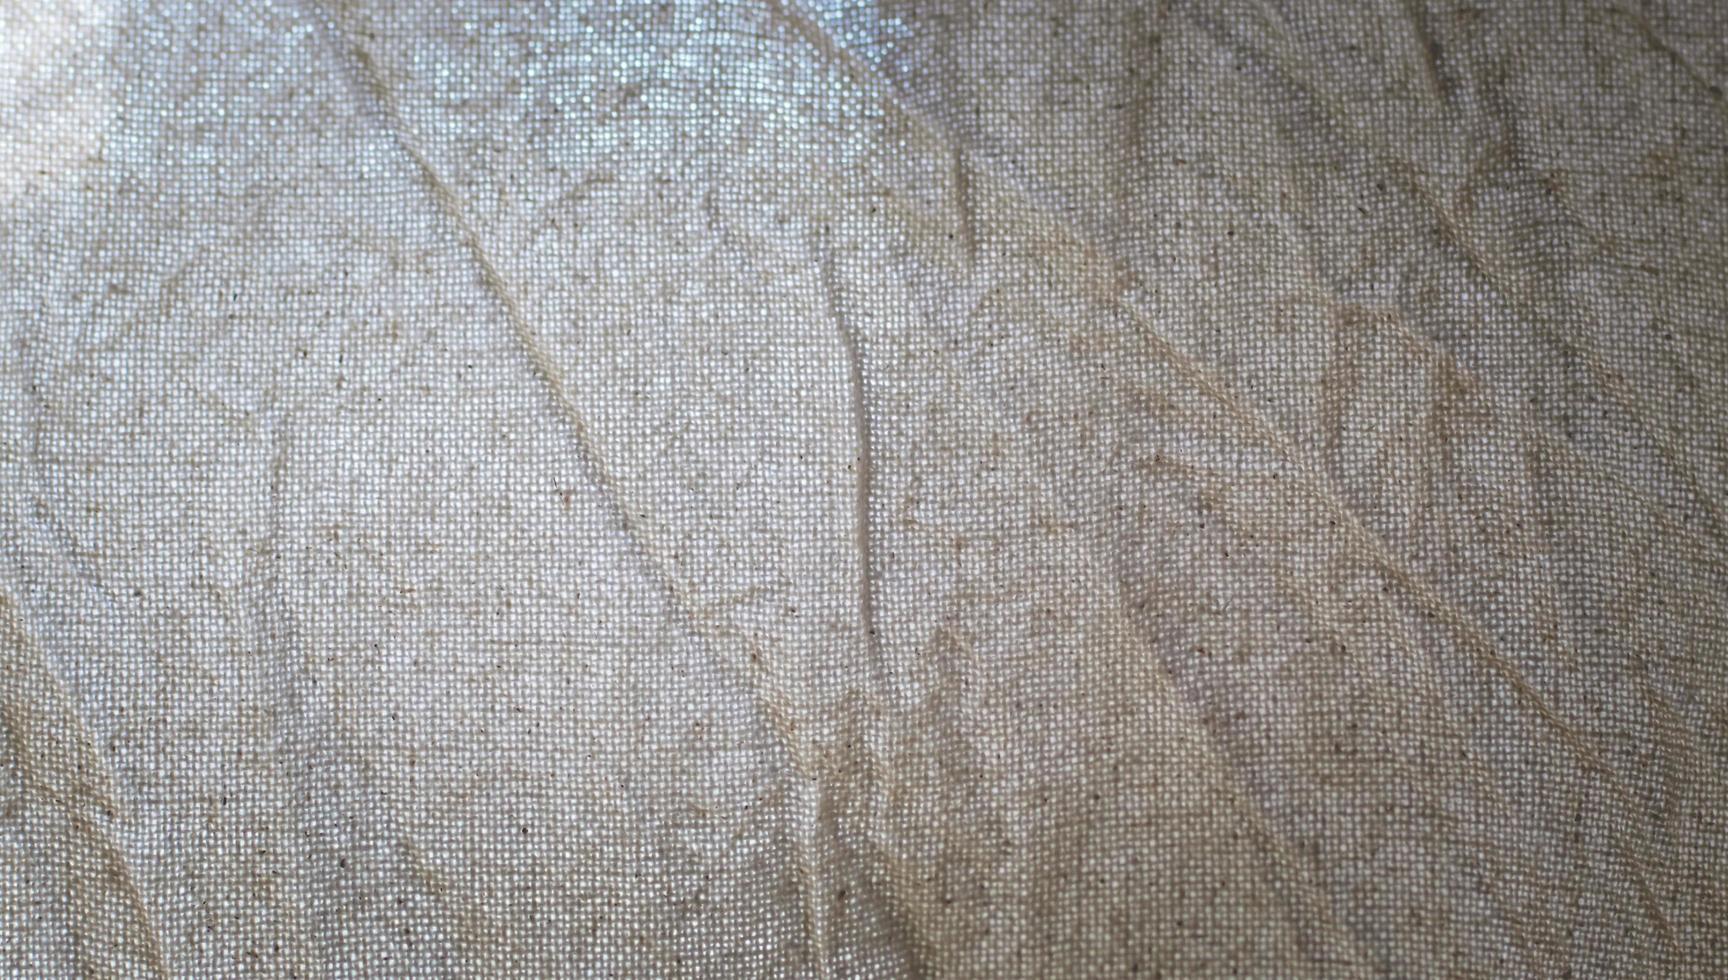 Baumwollstoff Hintergrund foto